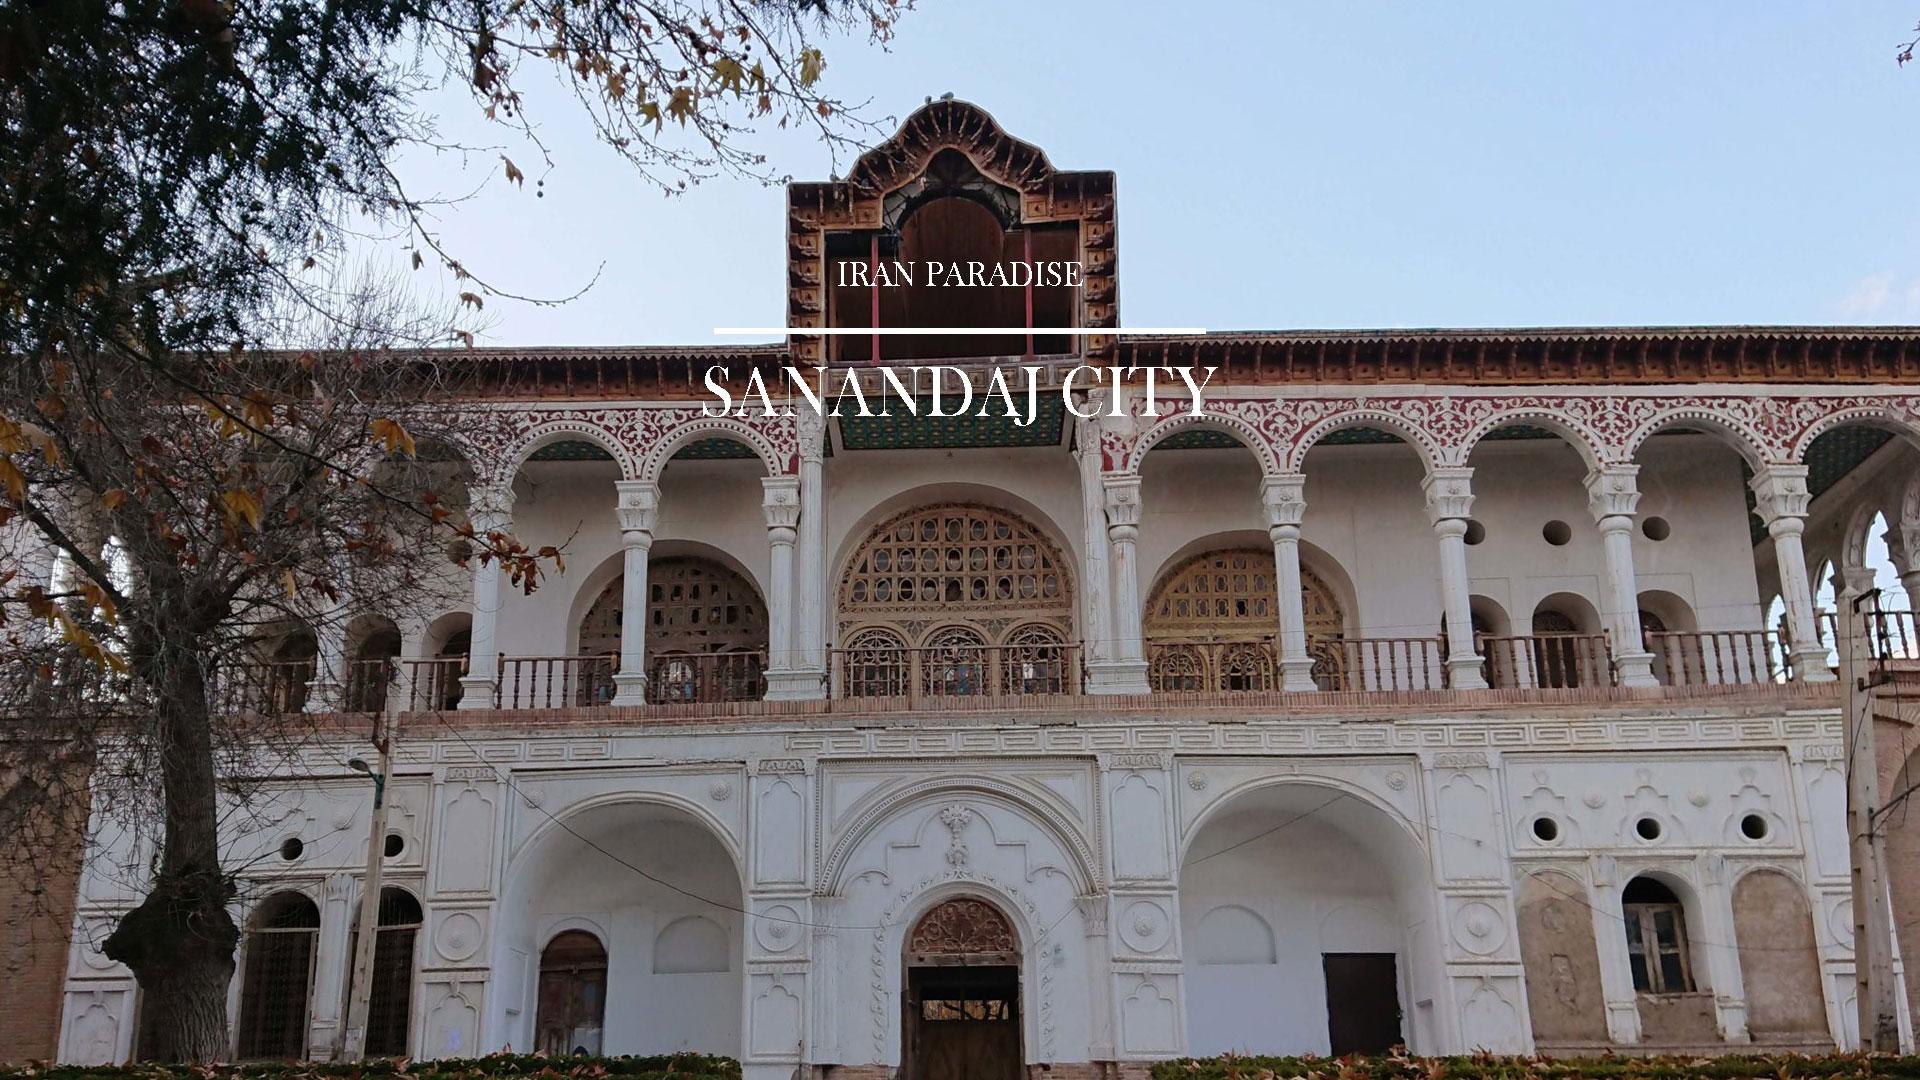 sanandaj-city